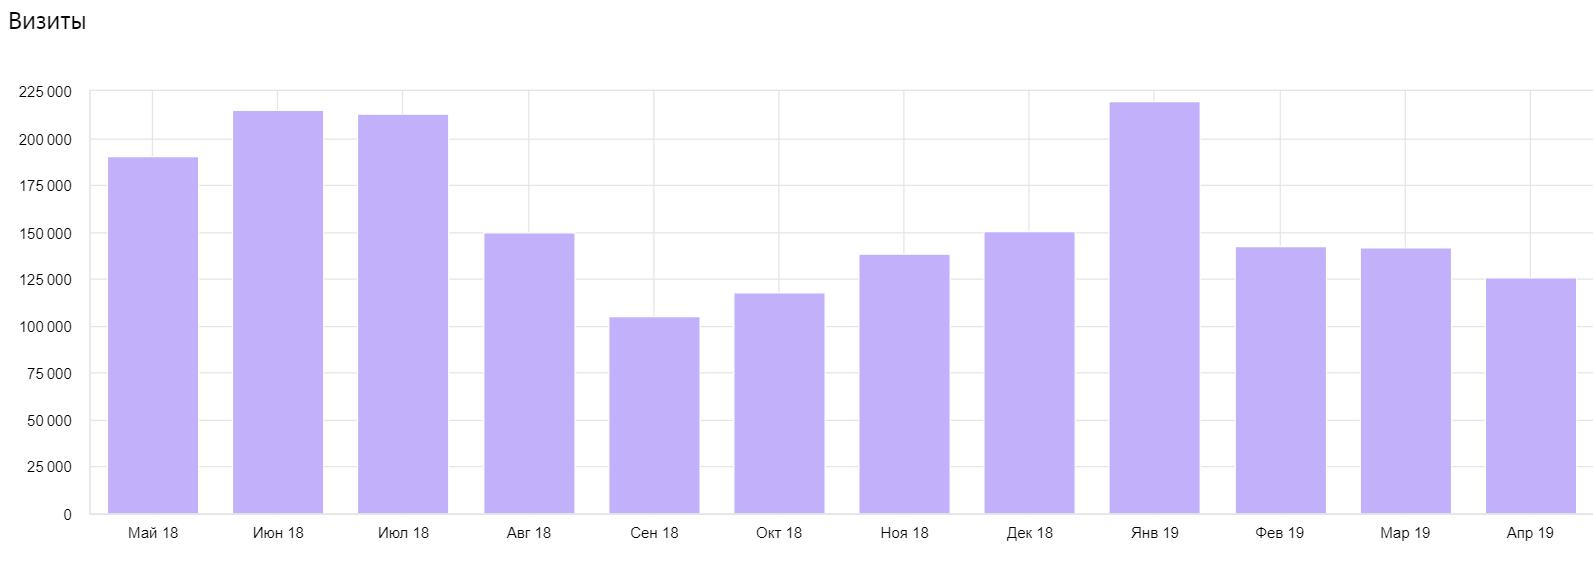 Посещаемость за год